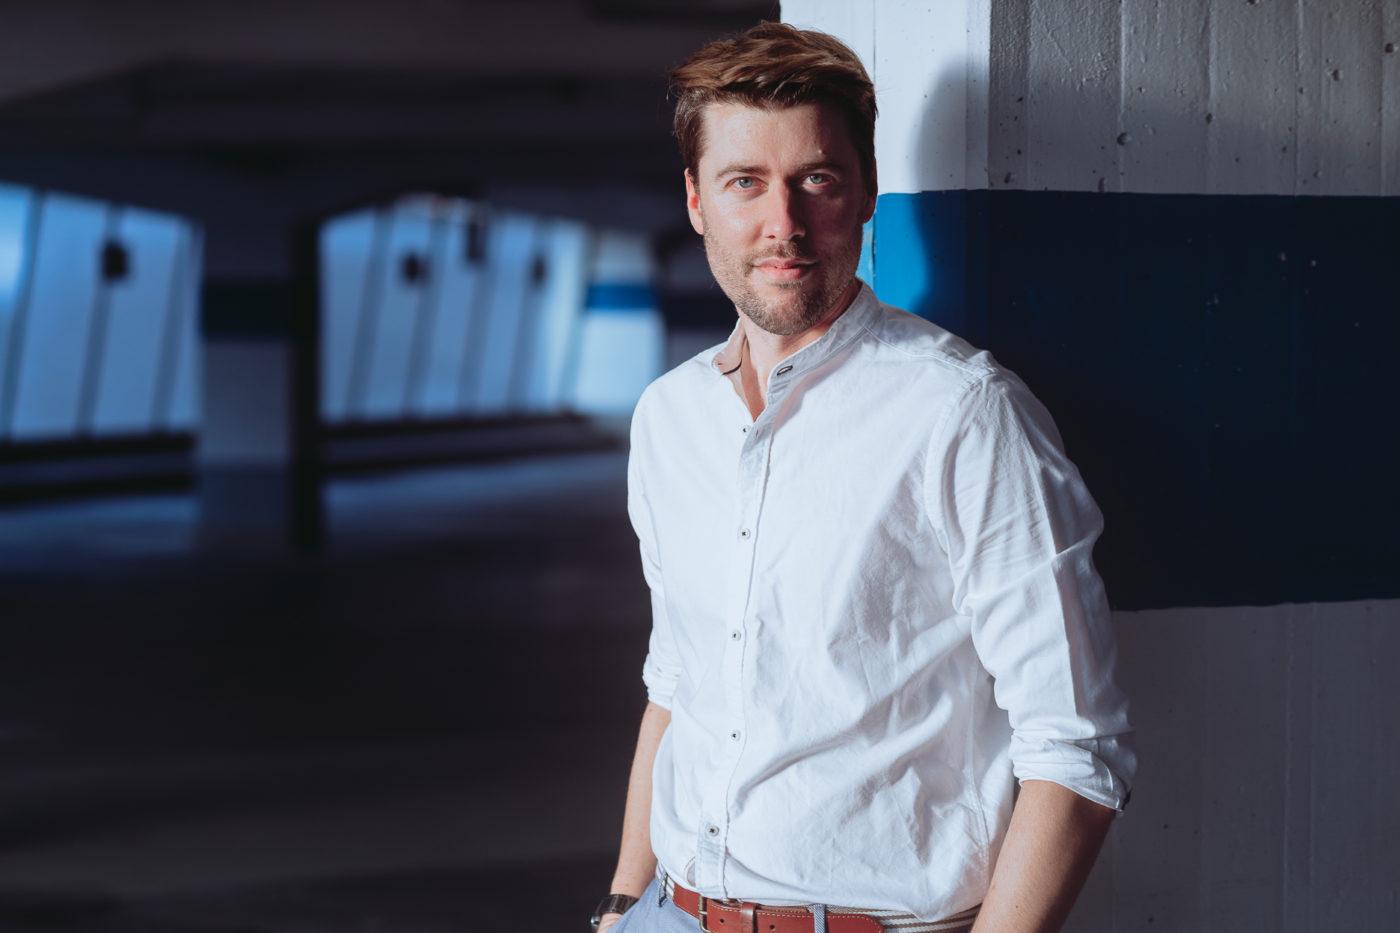 Das etwa 1,80 Meter große, brünette männliche Model Axel posiert in einem Parkhaus in der Abendsonne bei einem Shooting mit dem Münchner Fotograf Daniel Schubert.